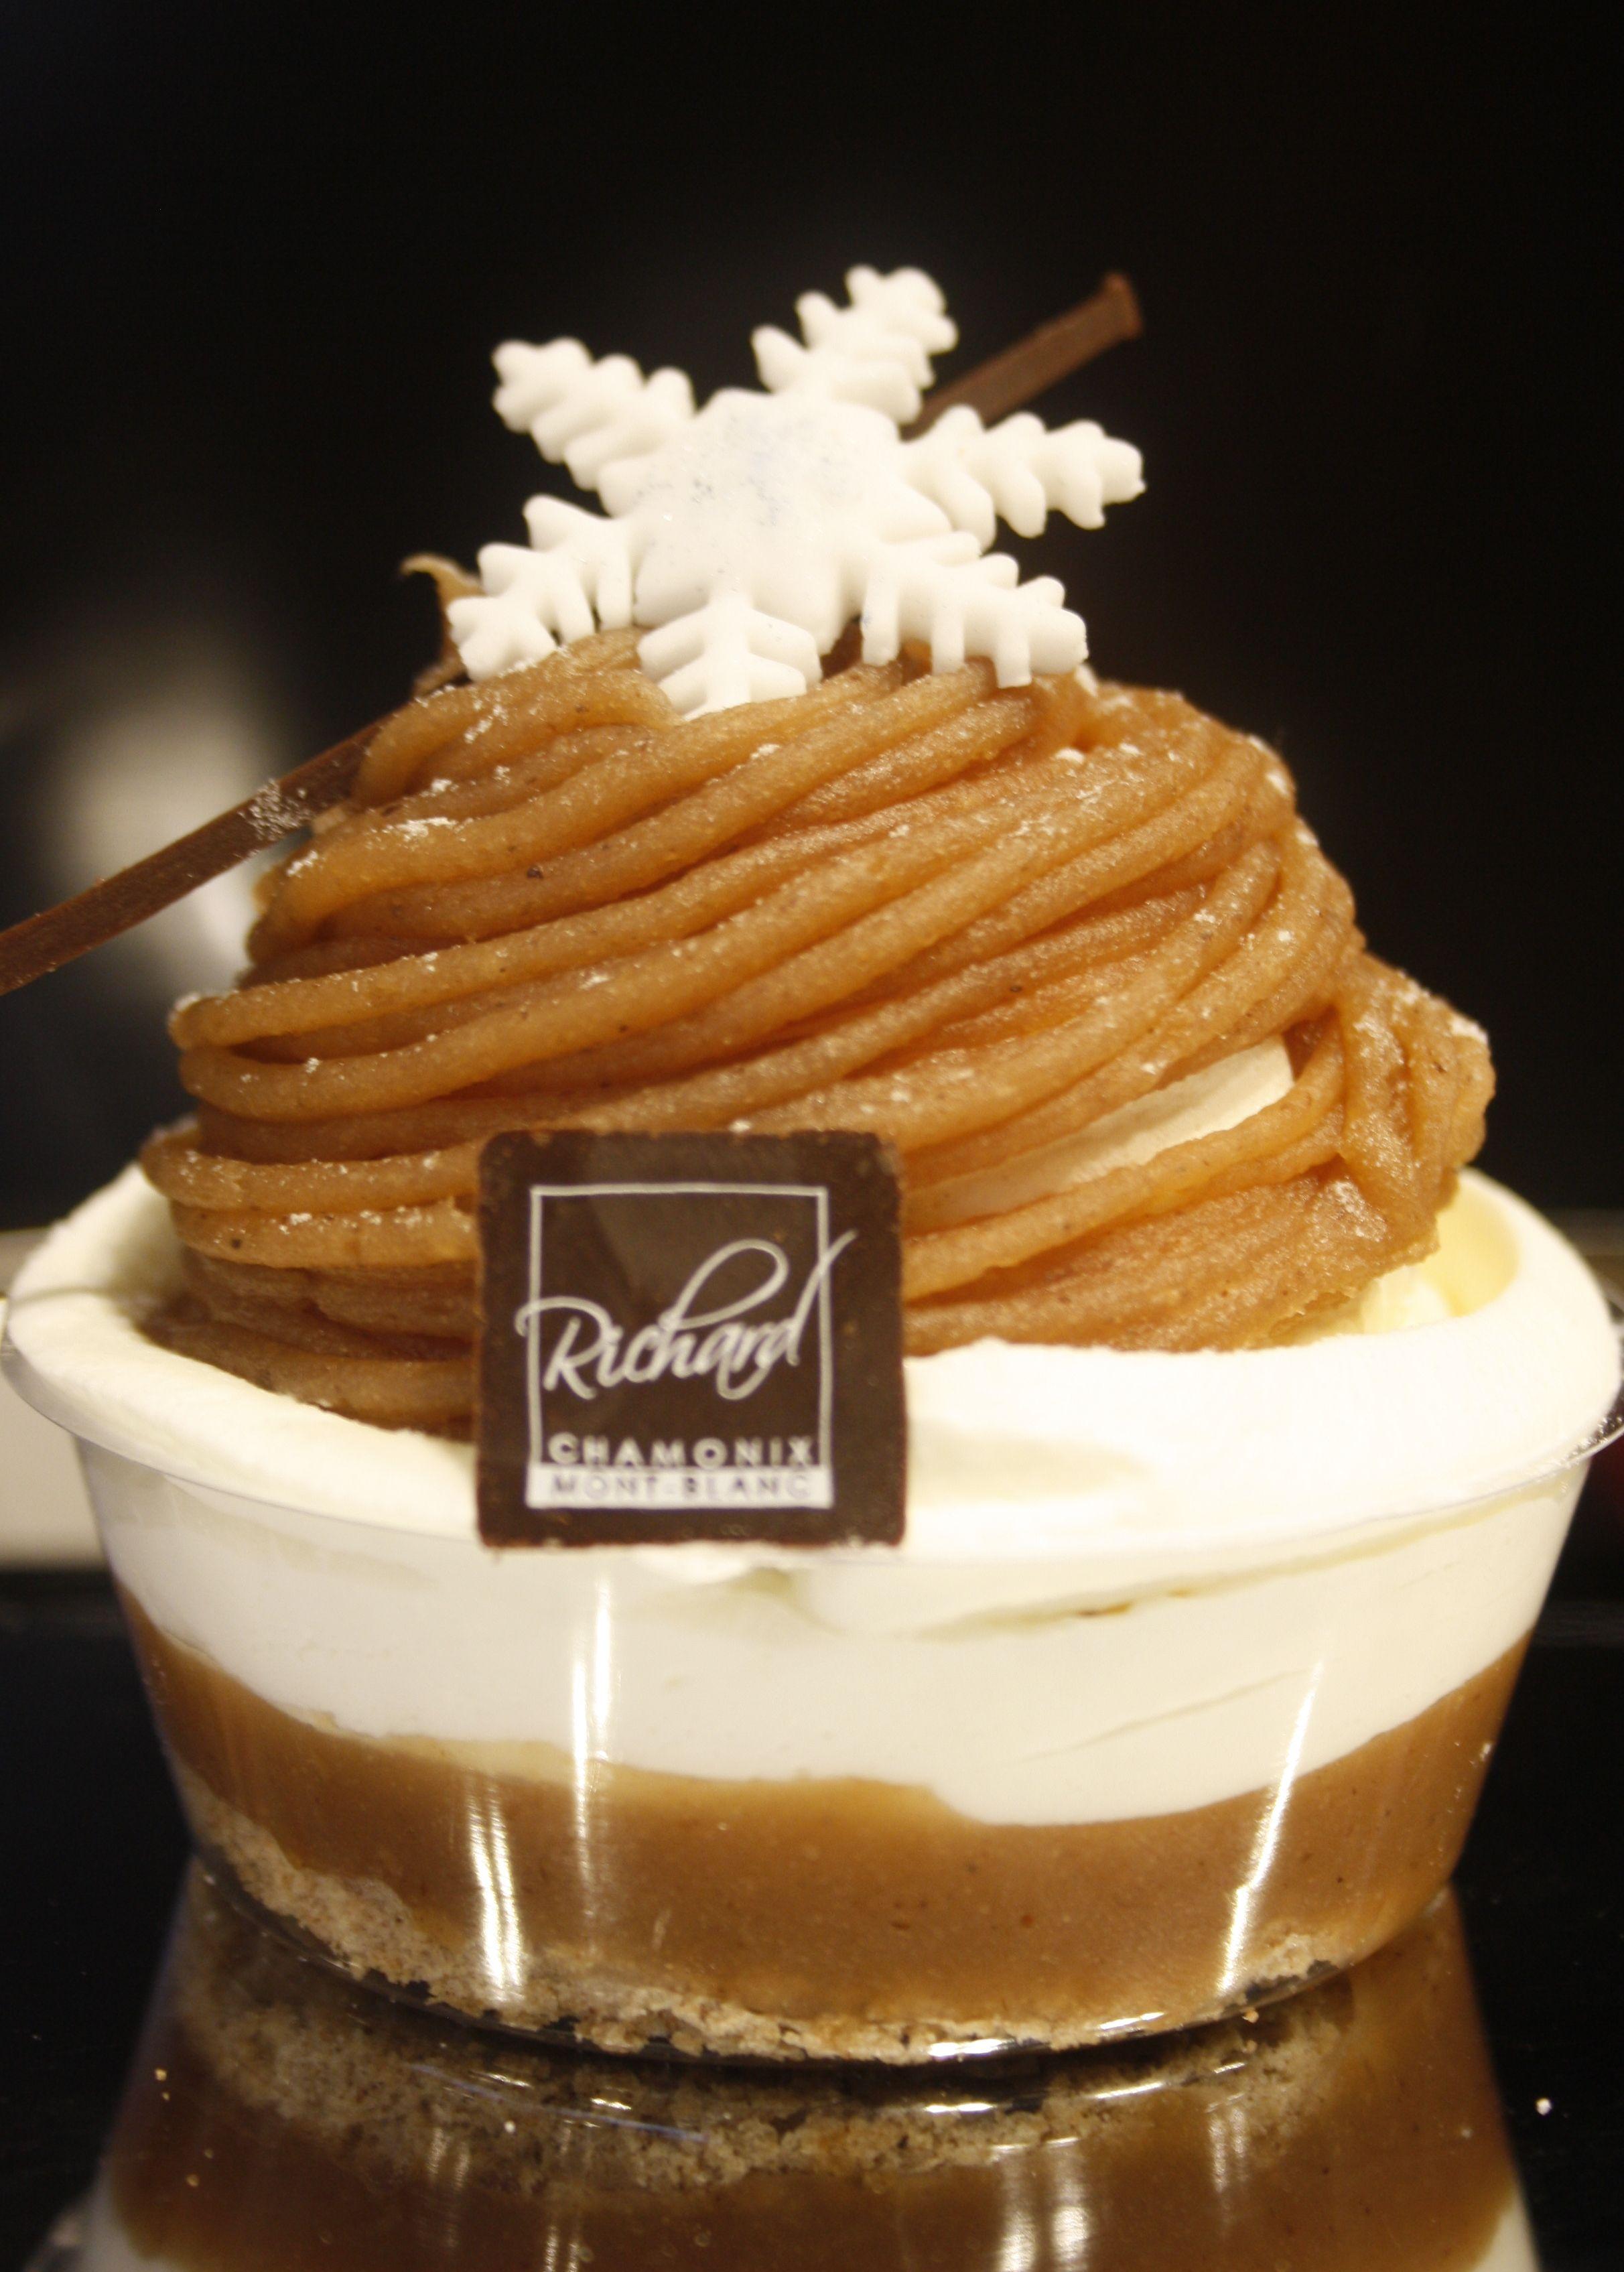 Le Mont,Blanc Crème de marrons, Chantilly, Meringue et biscuit à la  châtaigne